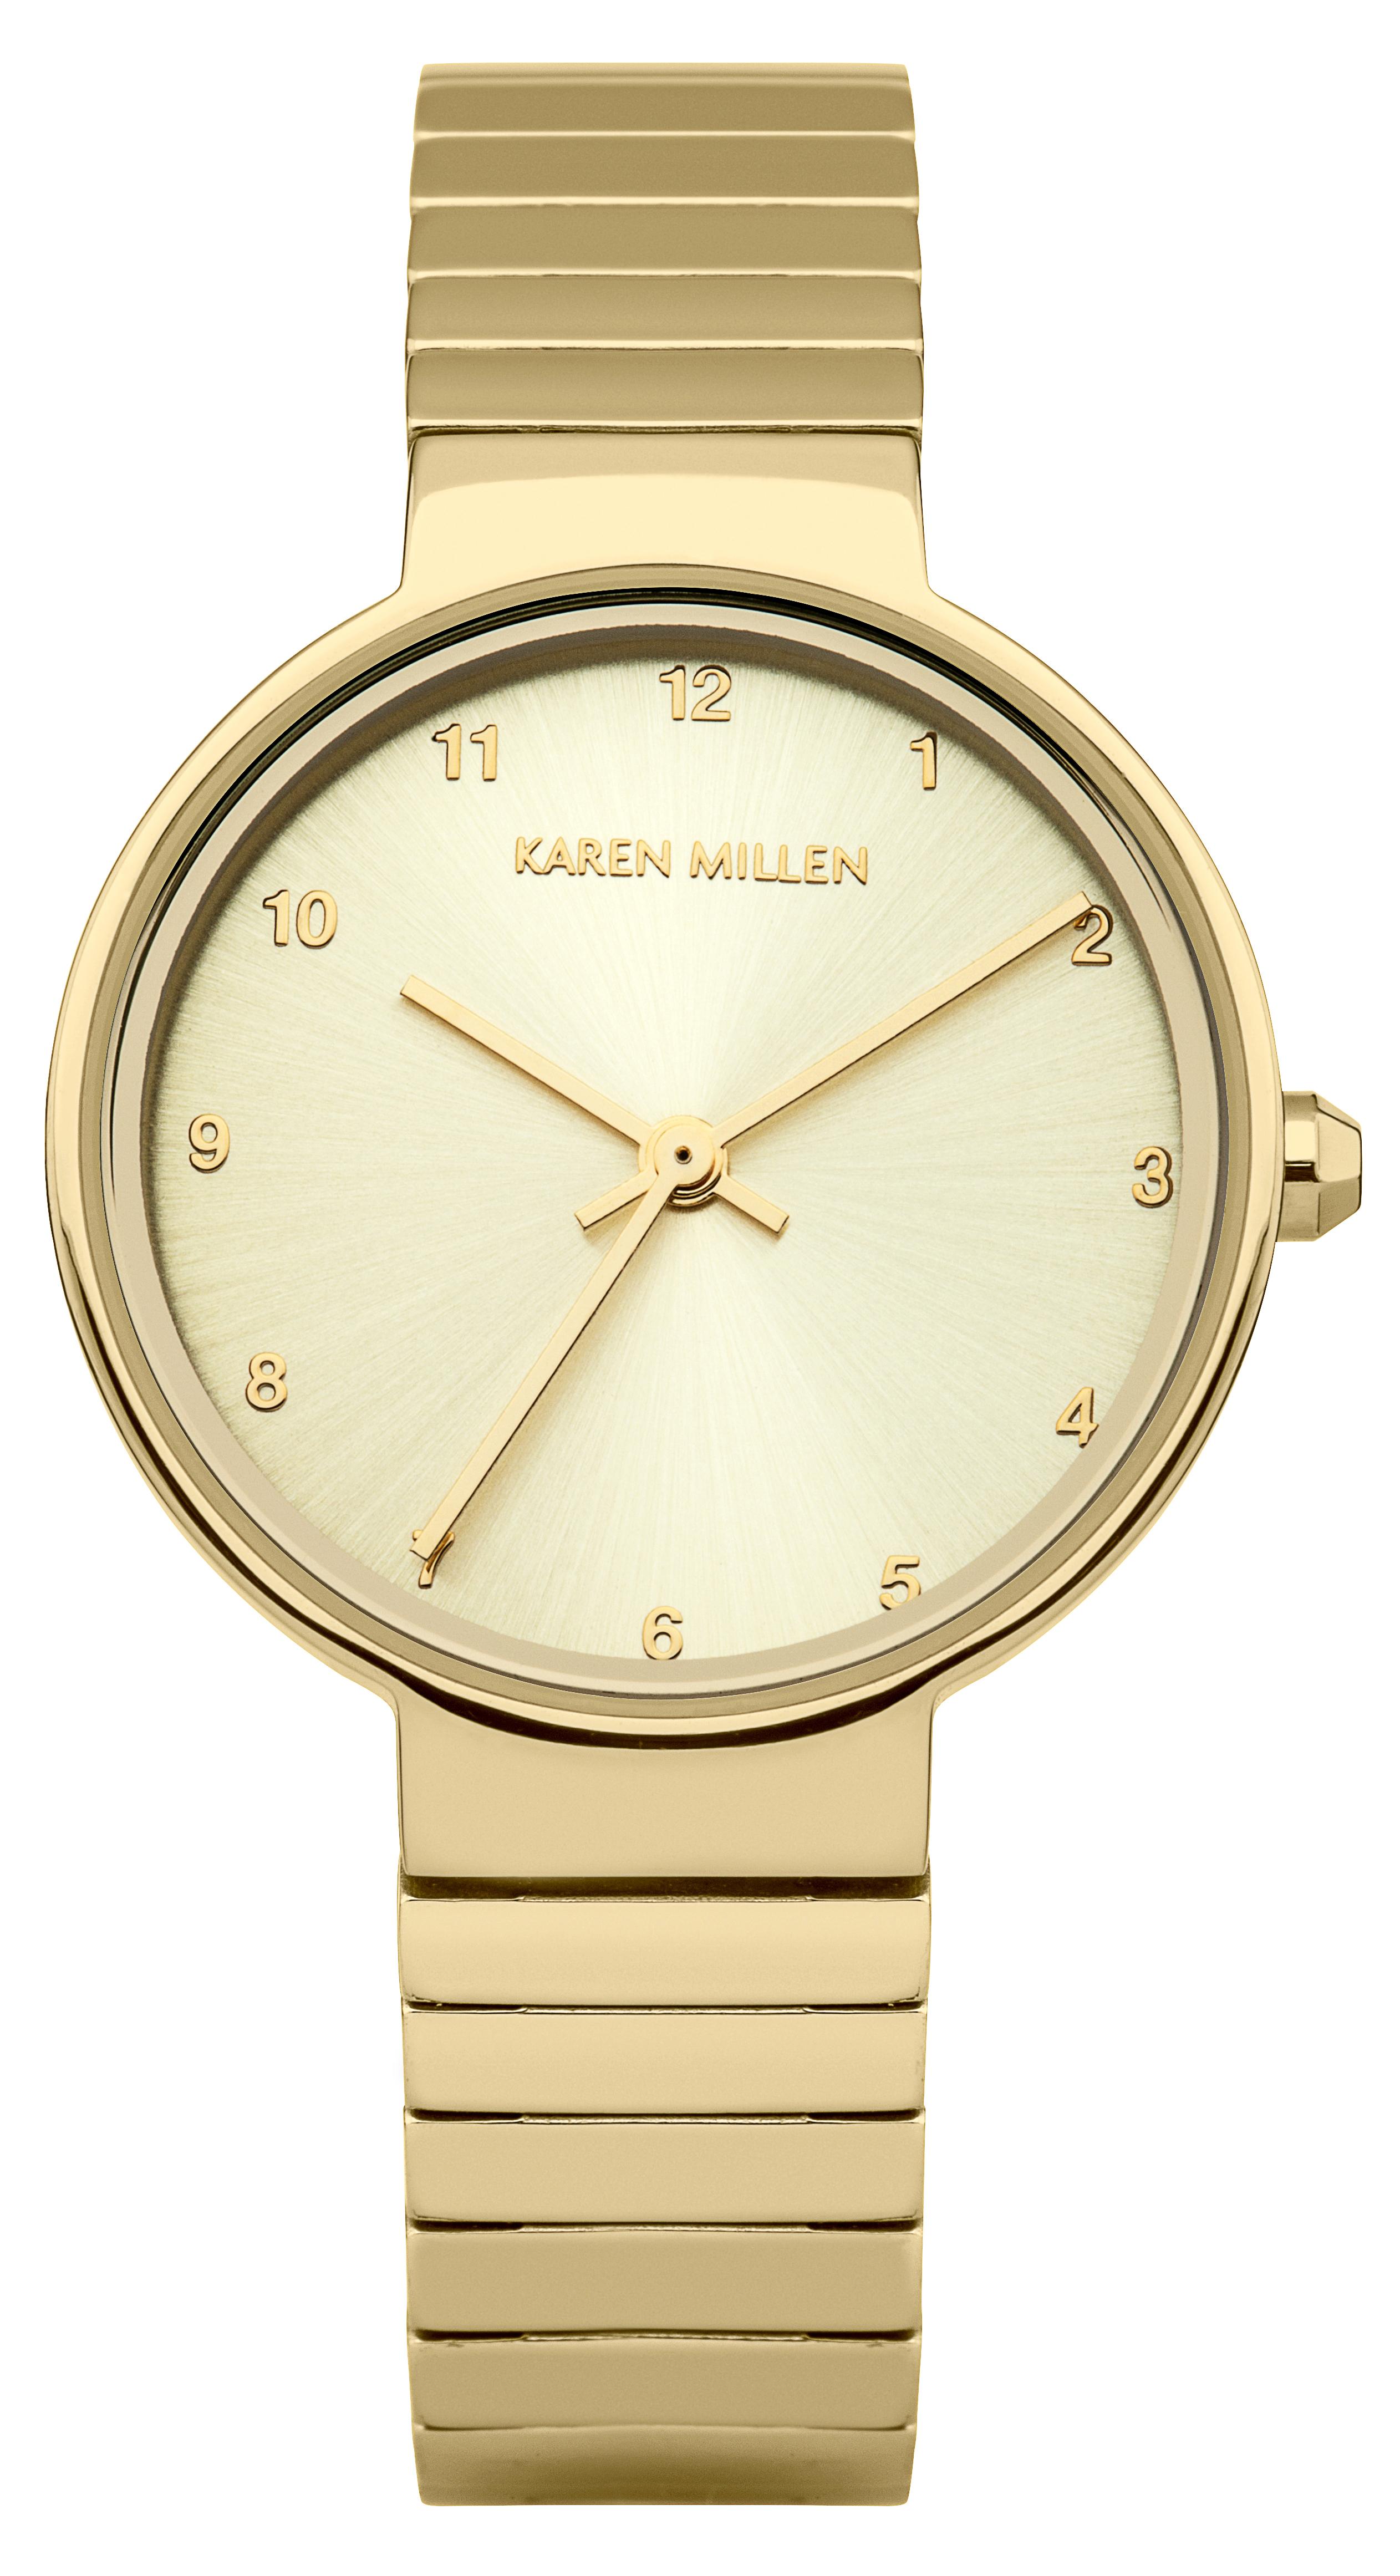 Karen Millen | KM131GM